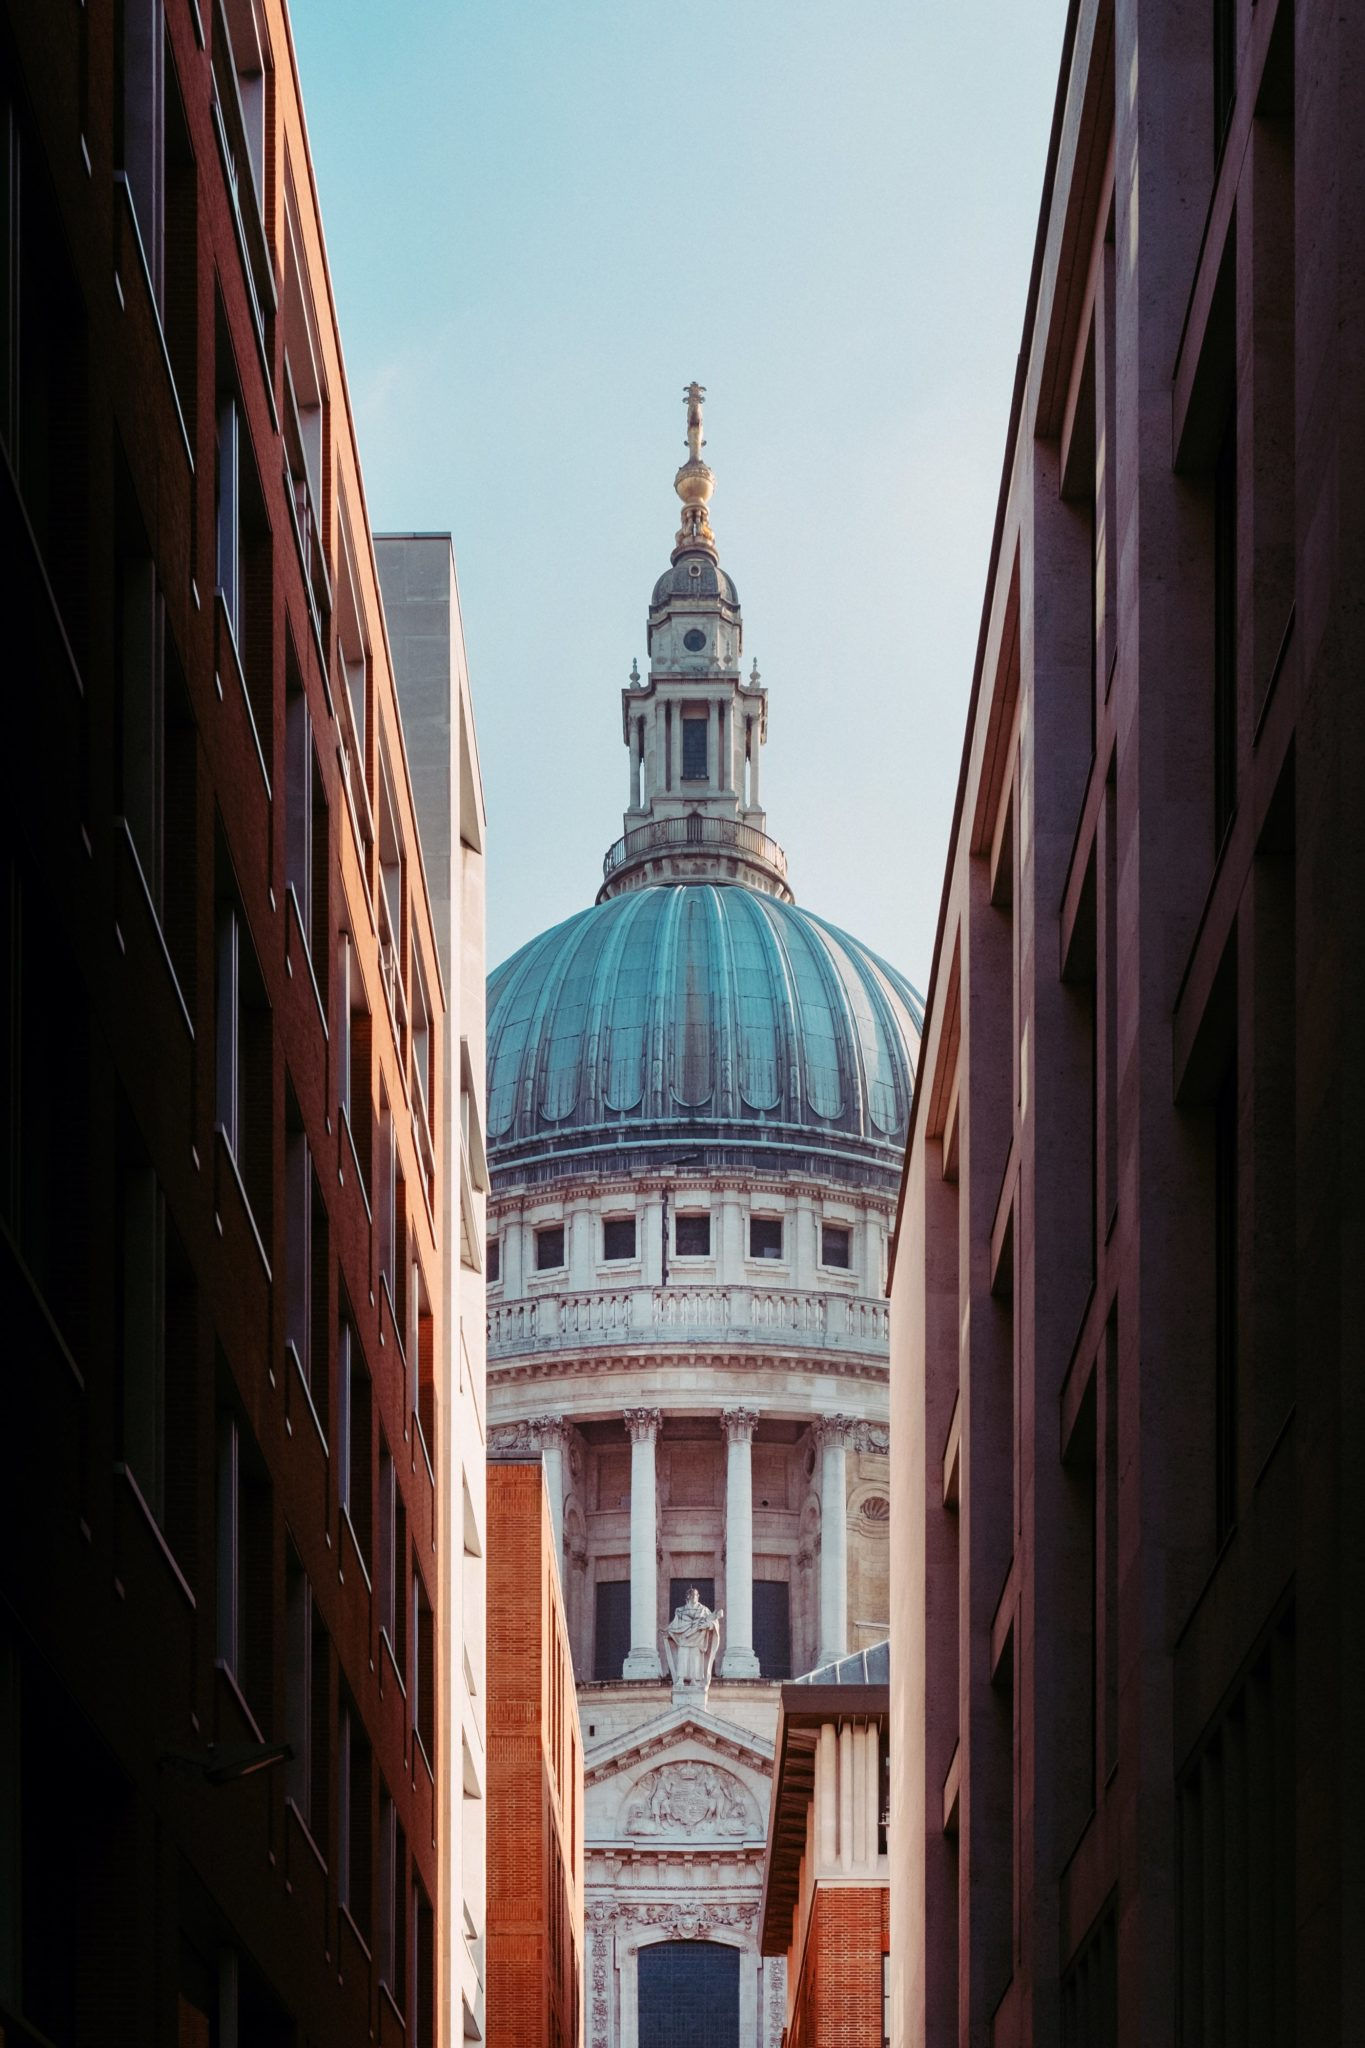 Katedrála sv. Pavla v Londýně